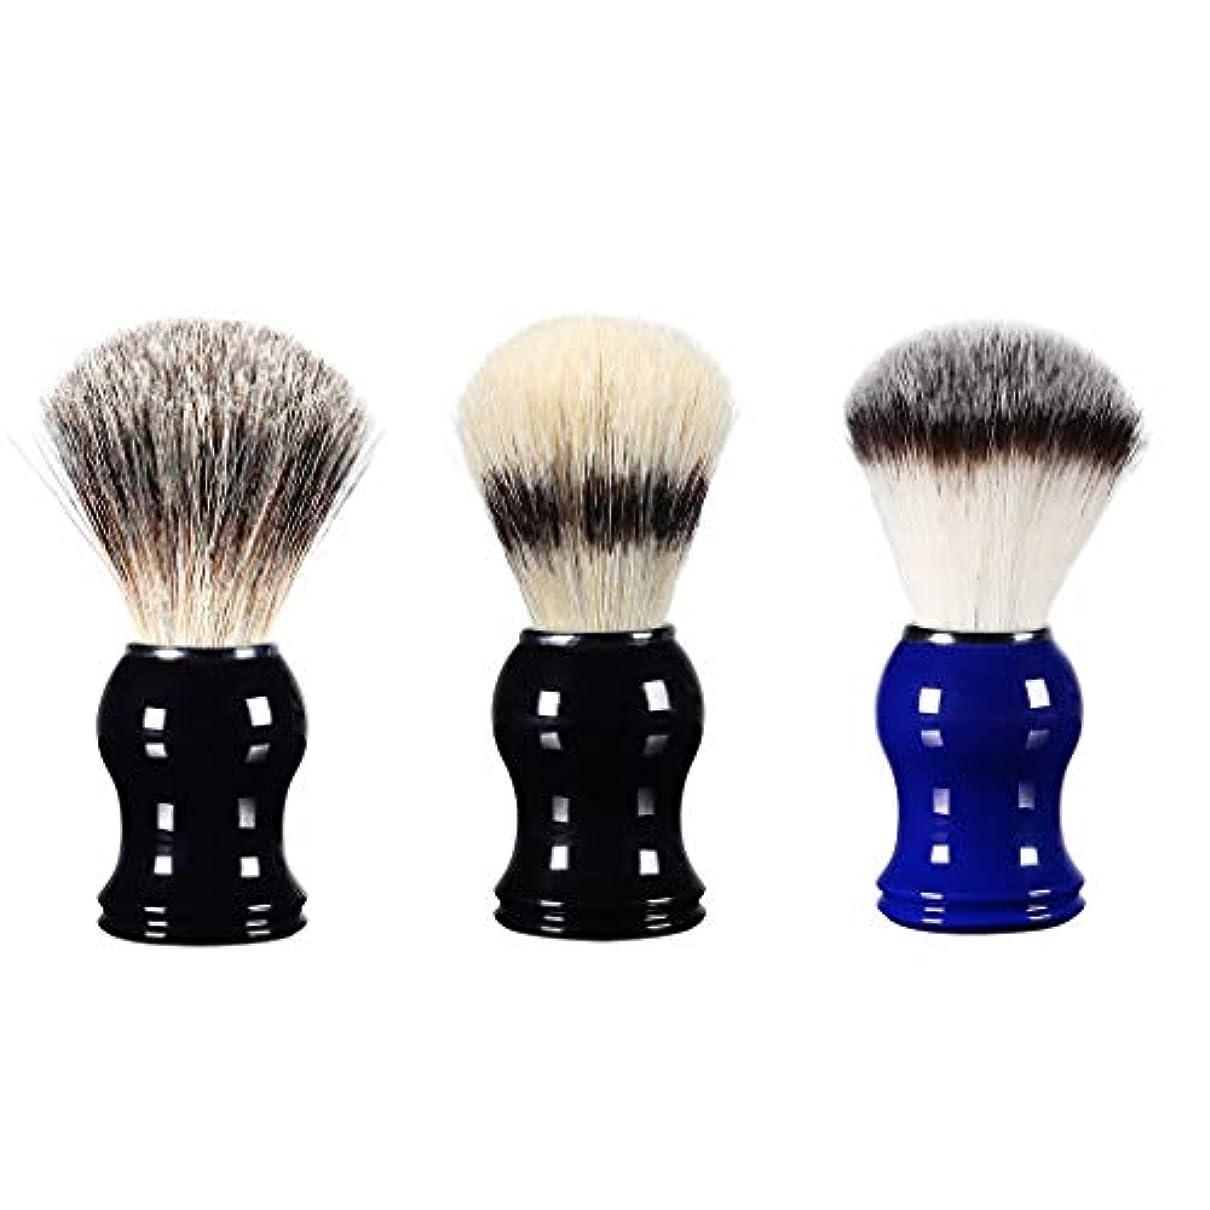 叙情的なスワップどきどきシェービング用ブラシ メンズ 理容 洗顔 髭剃り 泡立ち 3個入